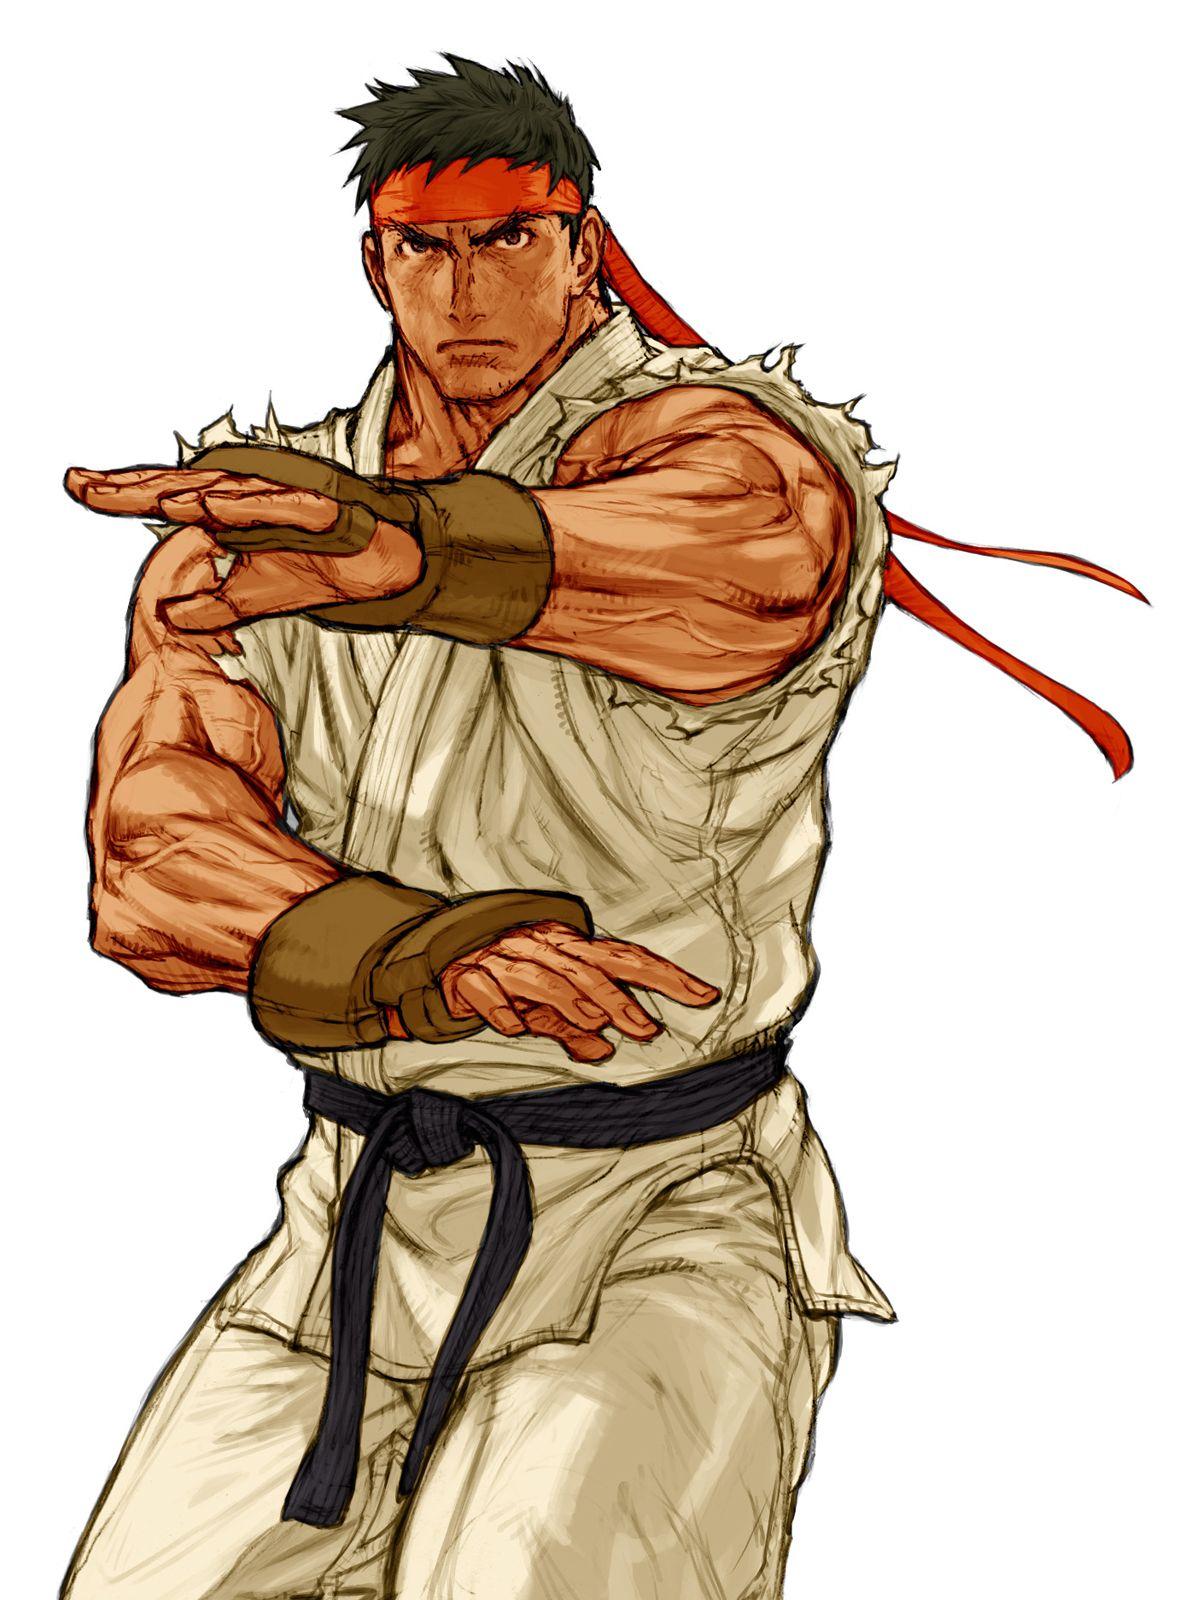 Capcom Vs Snk 2 Ryu Capcom Artwork Street Fighter Art Ryu